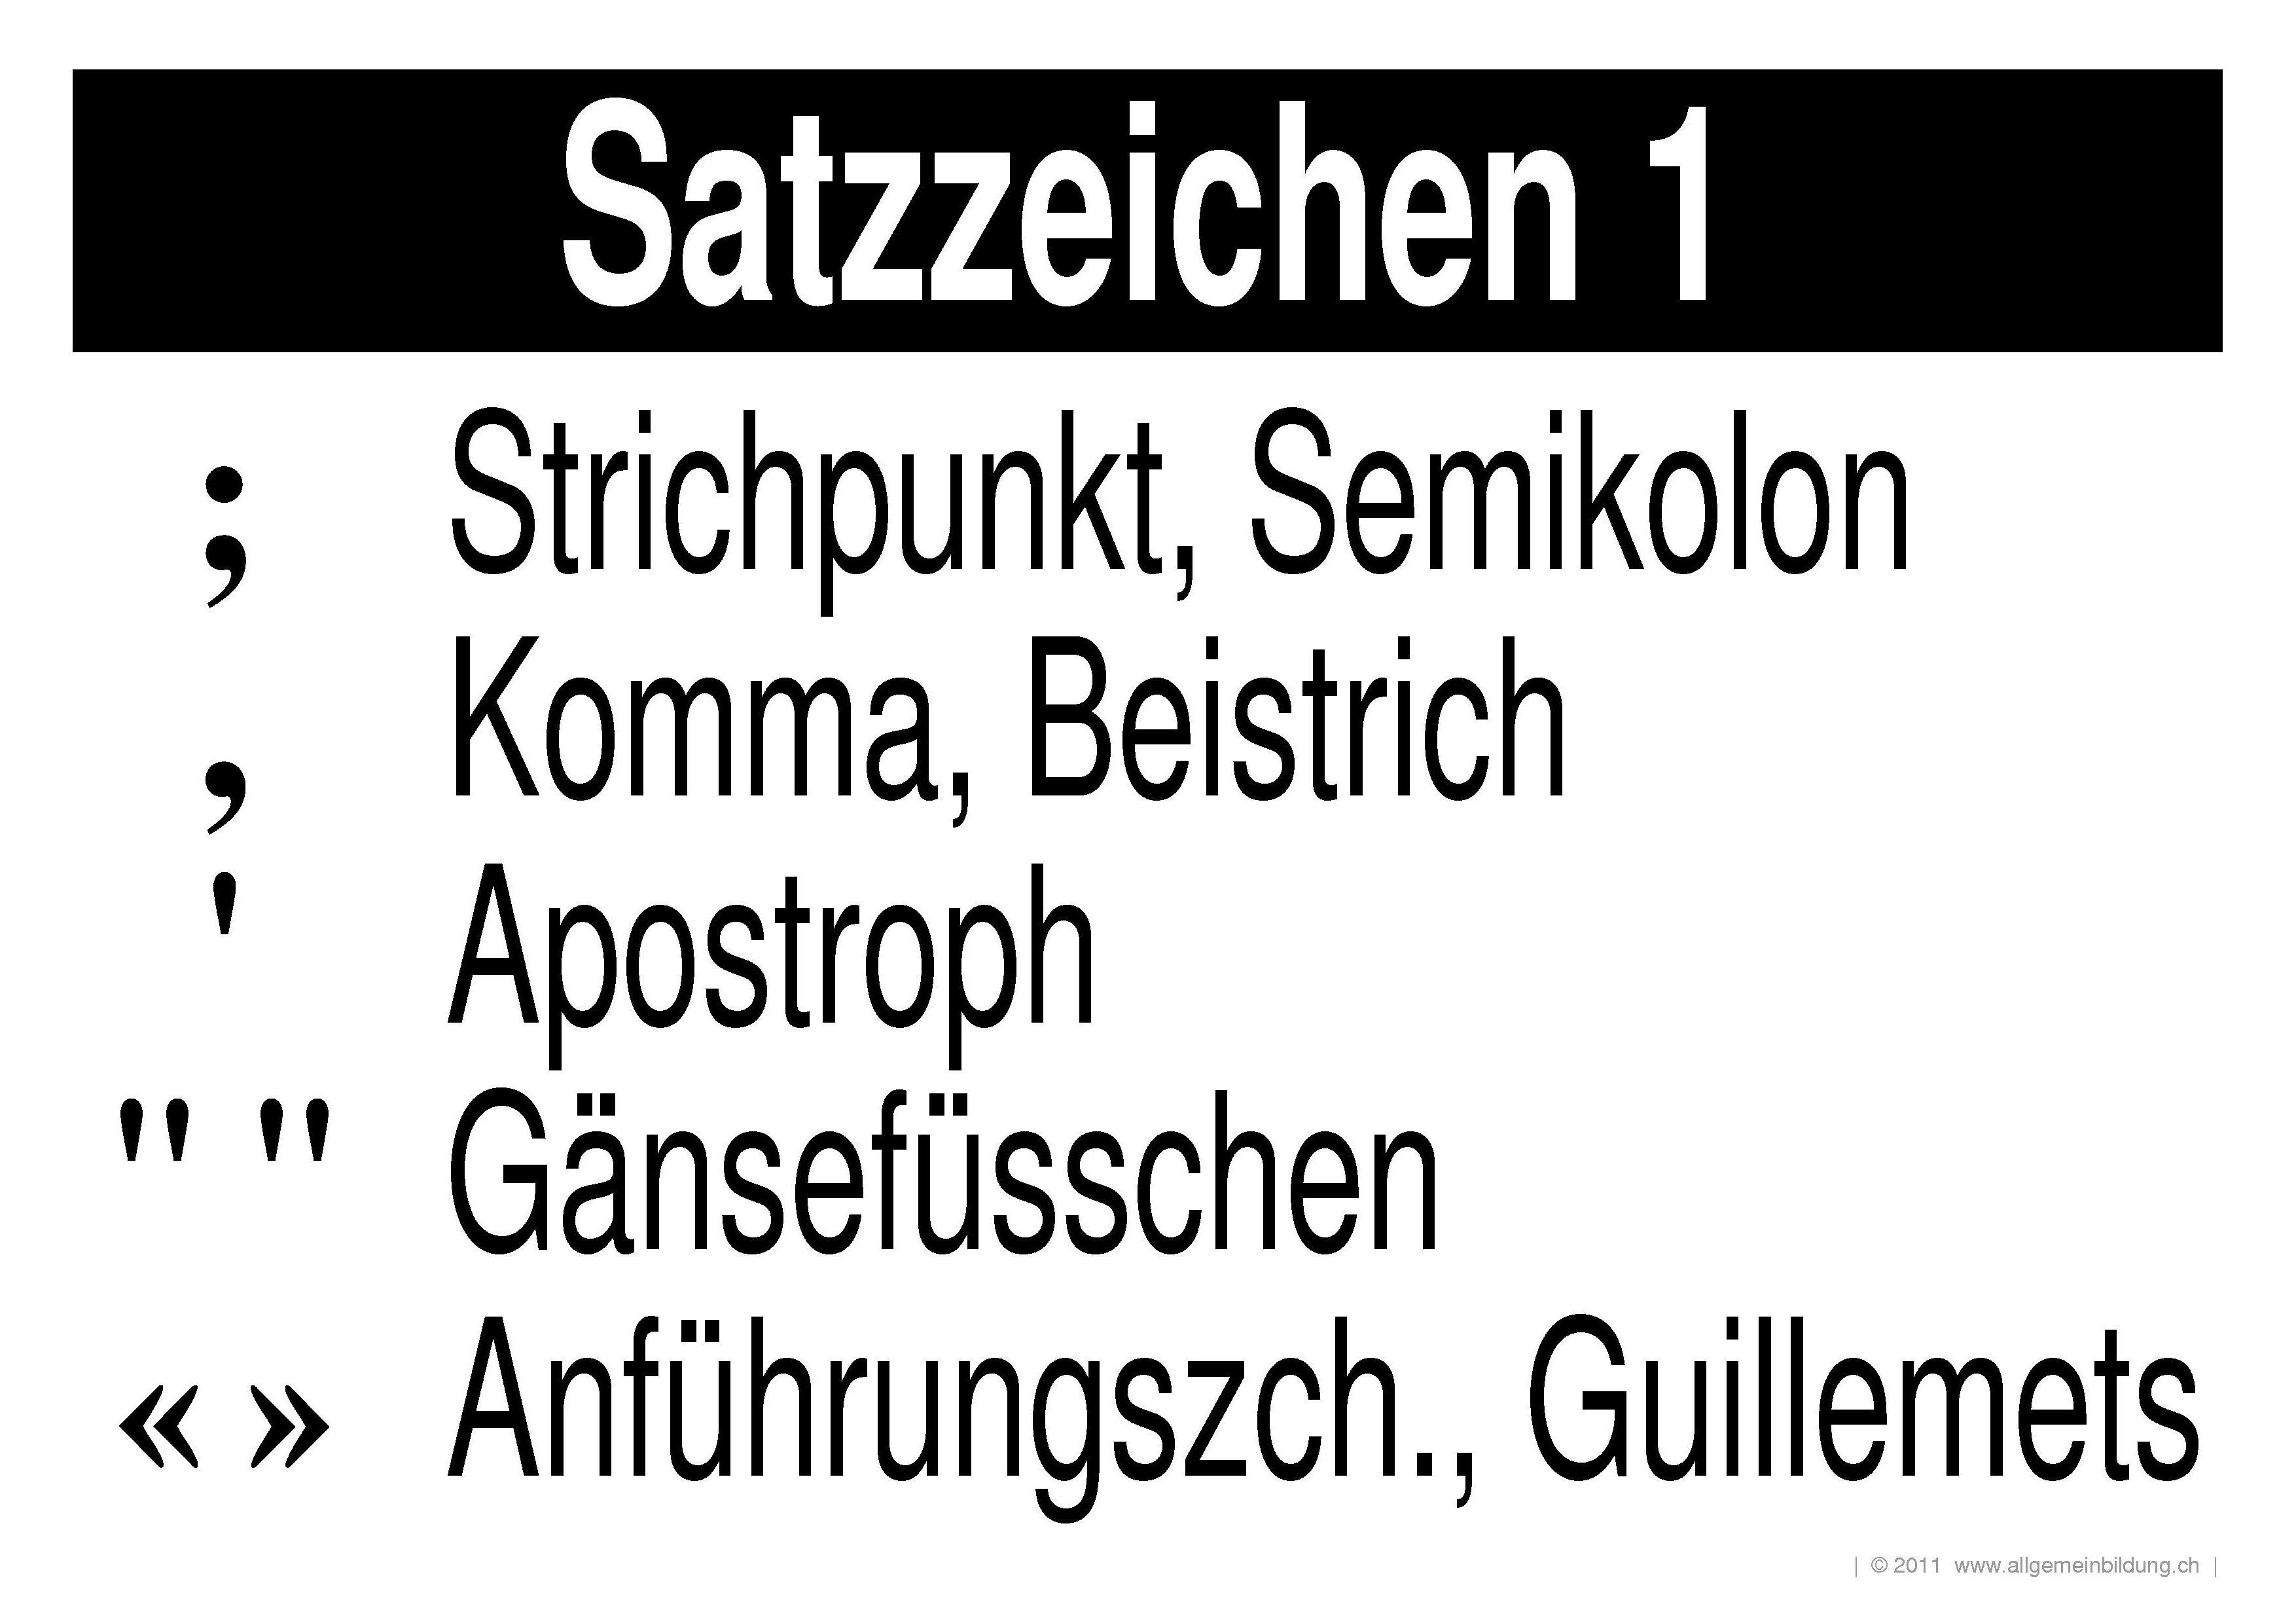 7 ways to a german language toyota 22r vacuum diagram satzzeichen 1 alemán pinterest learn